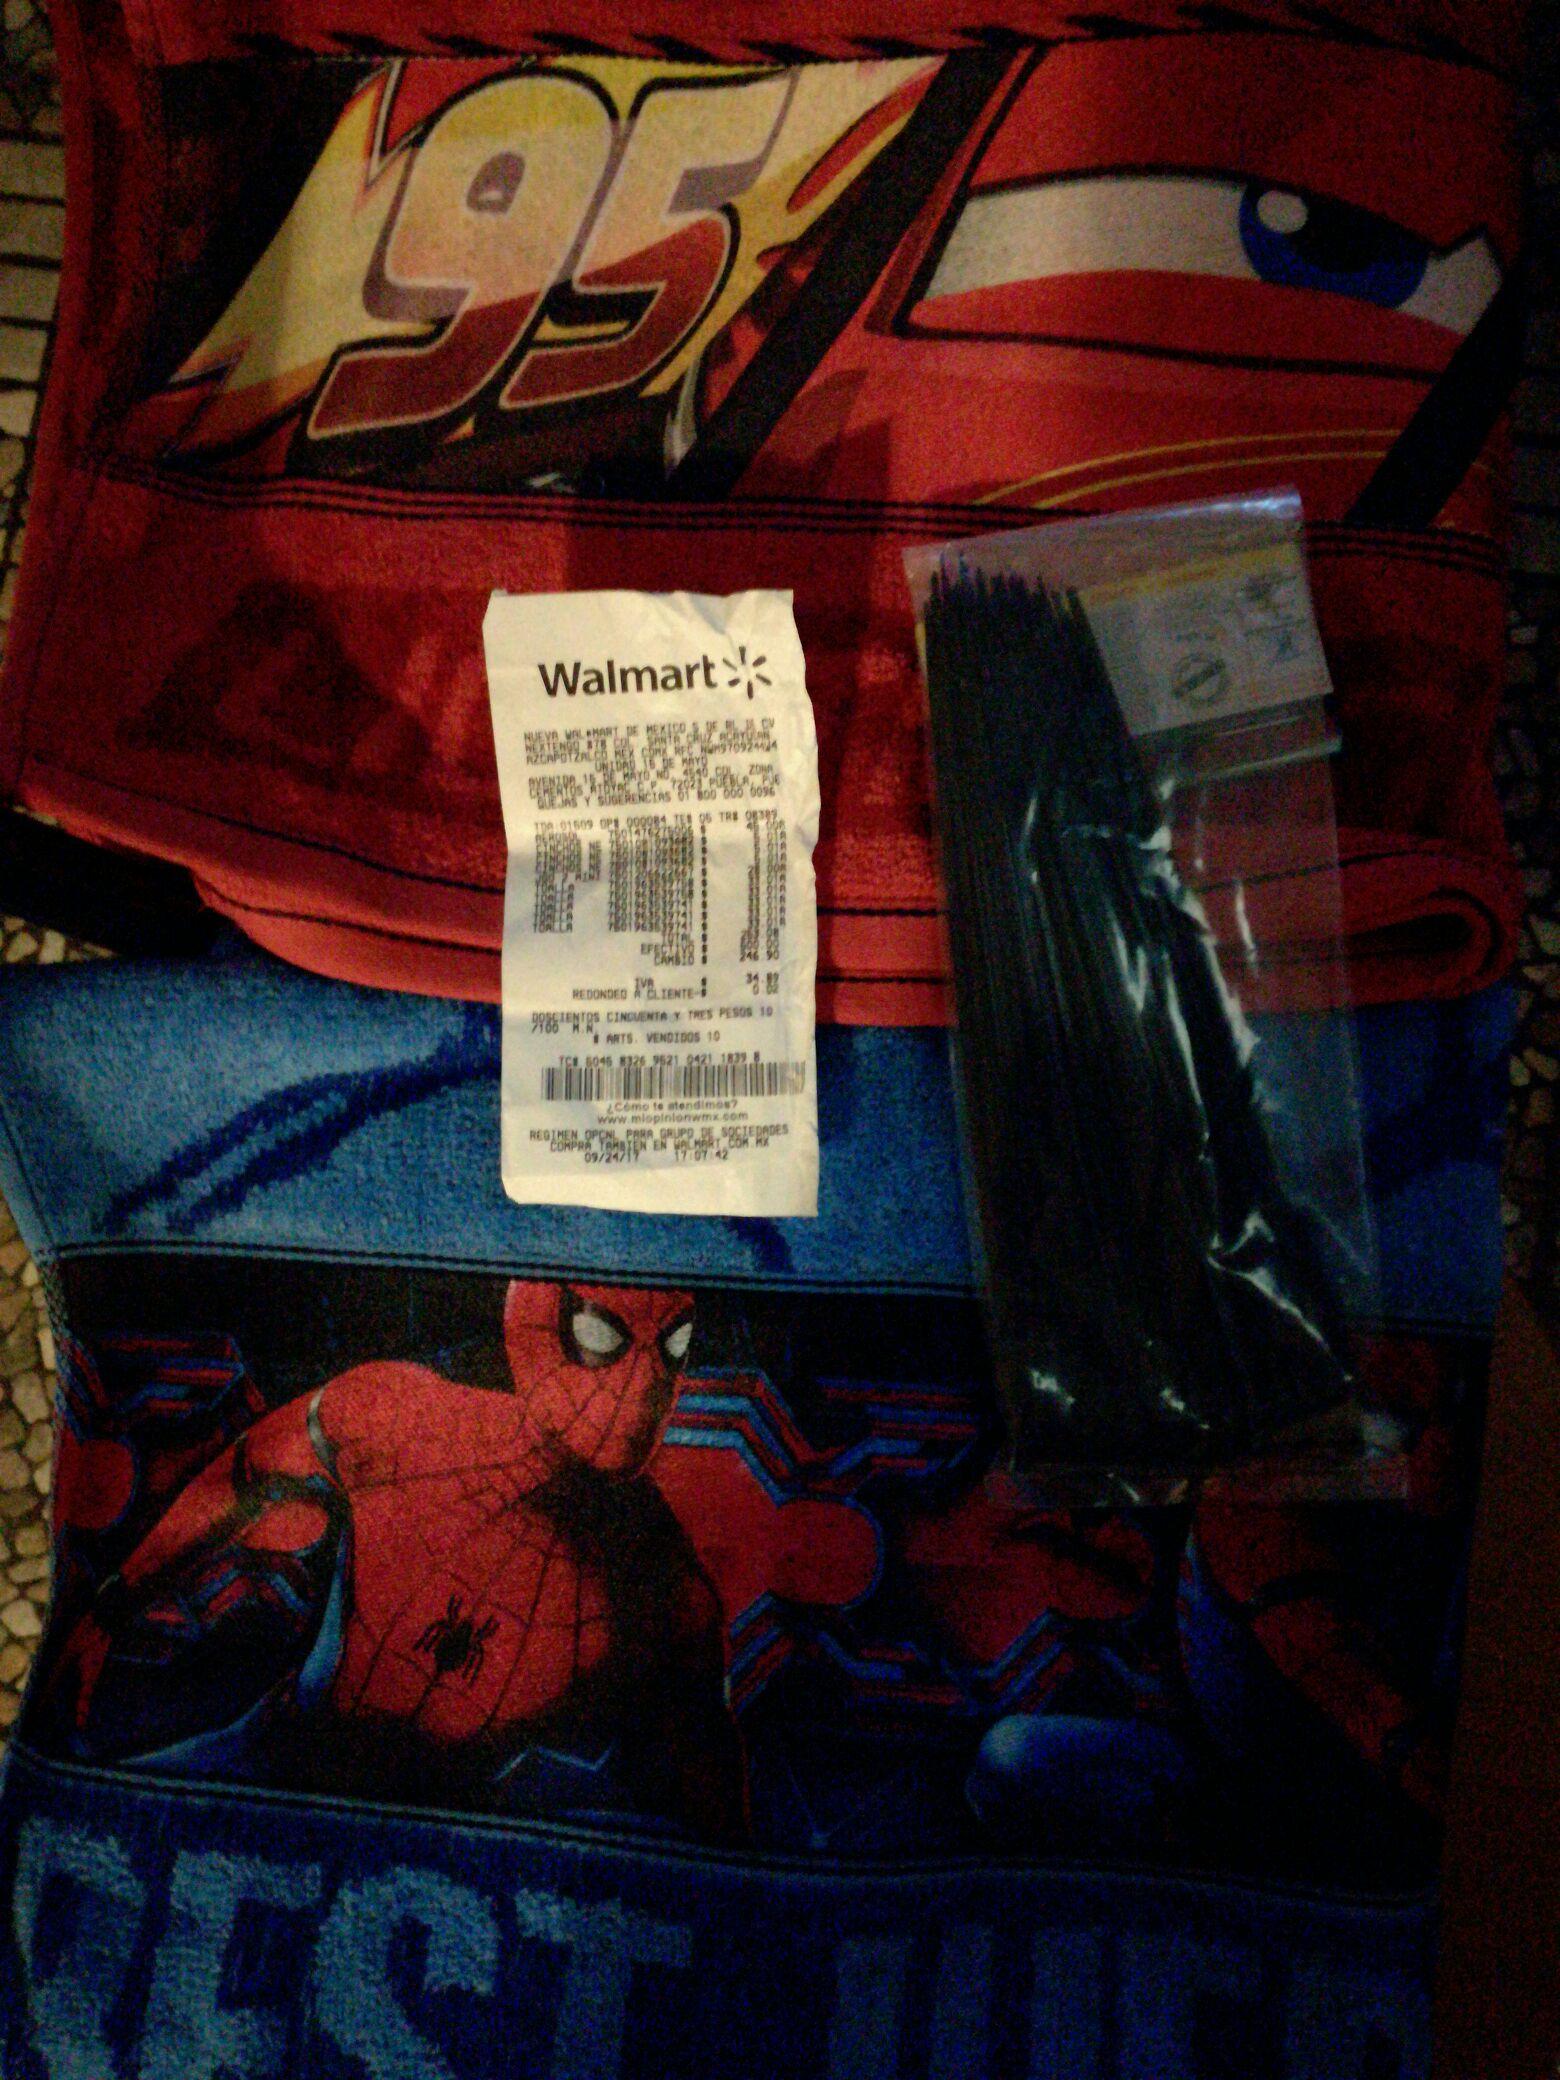 Walmart 15 de Mayo Puebla: Toallas de Cars y el Hombre Araña en $33 y cinchos en $5